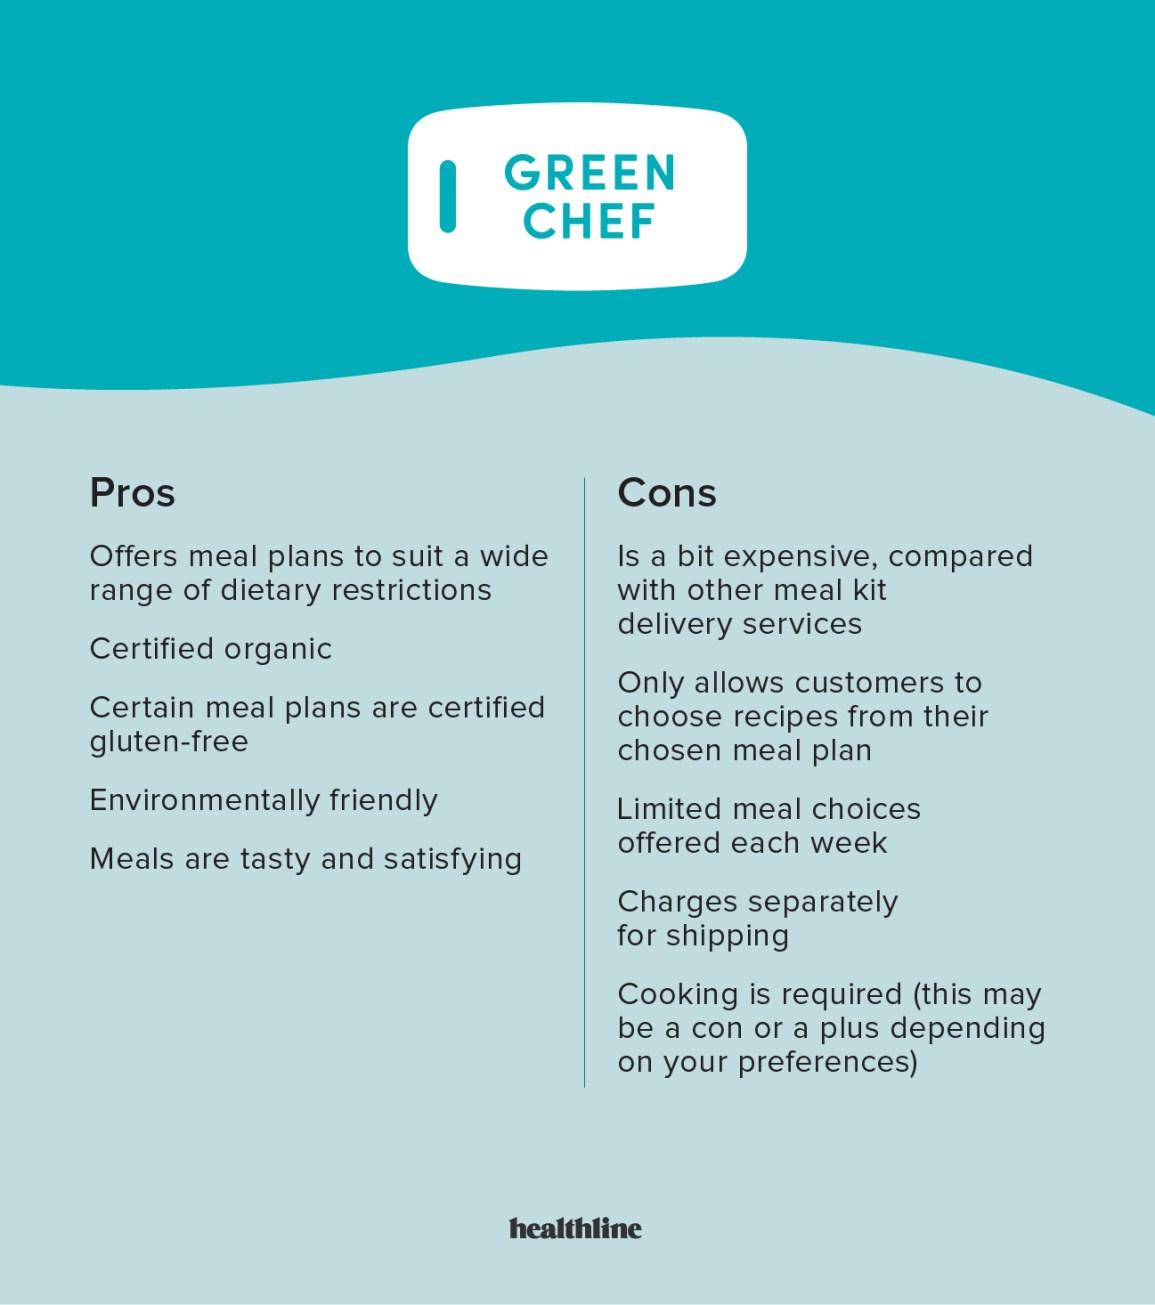 Table pro / con Green Chef